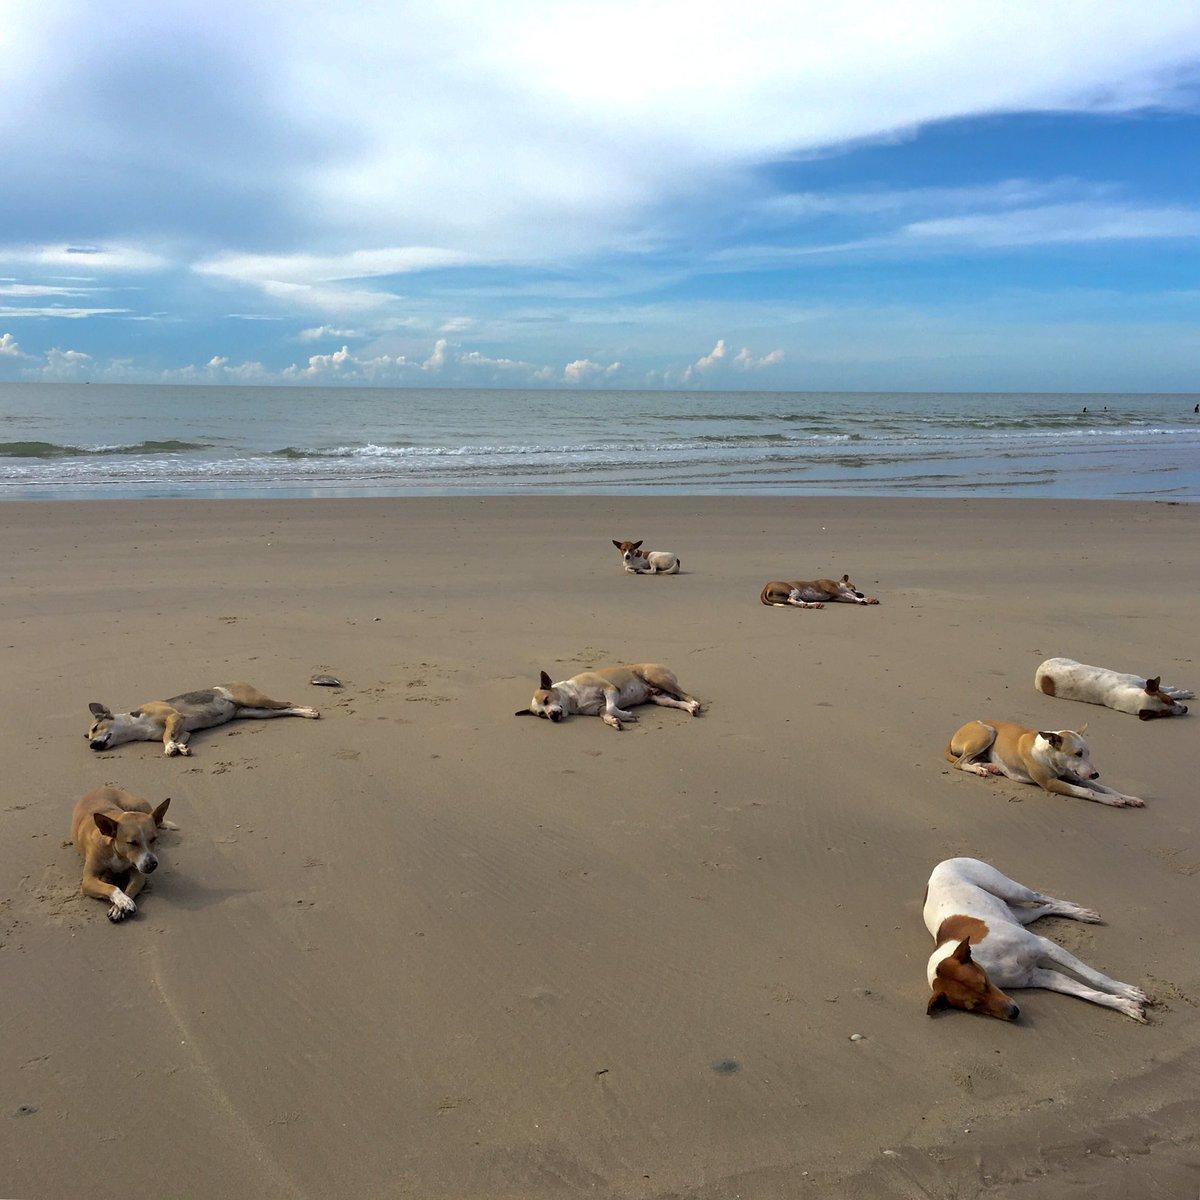 พบหมาทะเลรับรังสียูวีเอ ยูวีบี และวิตามินบีแก้คัน อยู่ที่หาดชะอำครับ